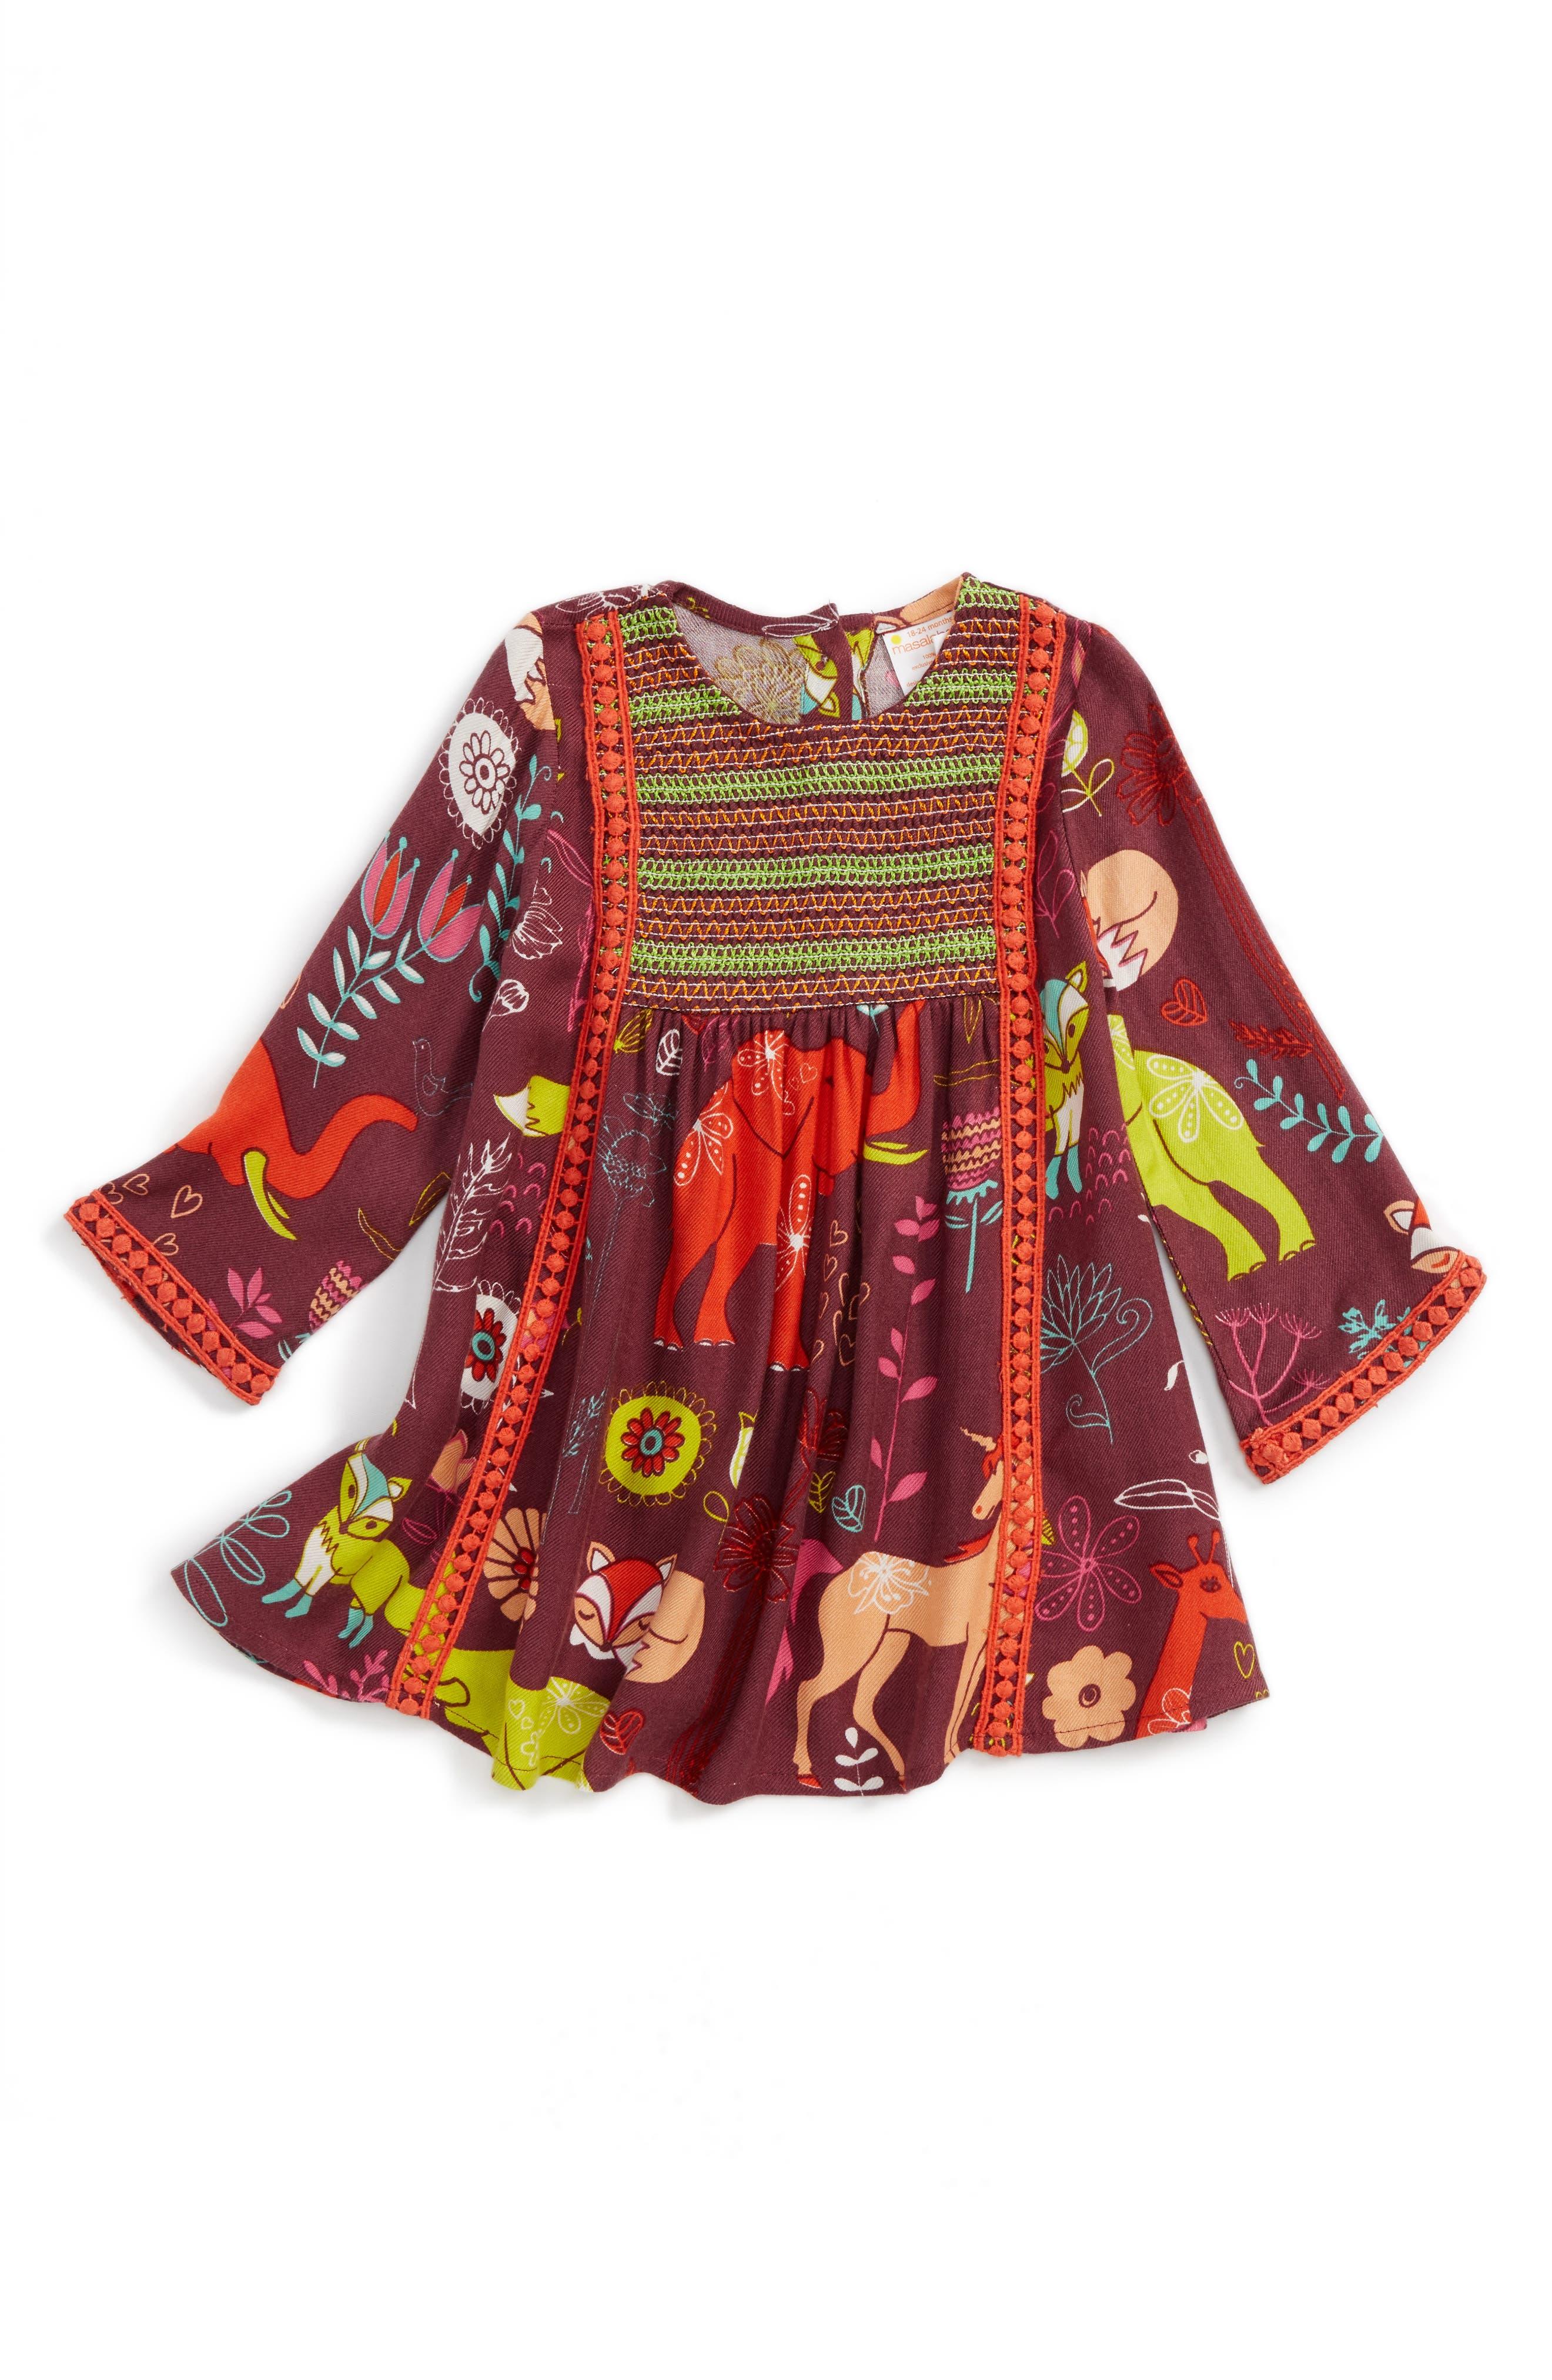 Magical Smocked Dress,                             Main thumbnail 1, color,                             930